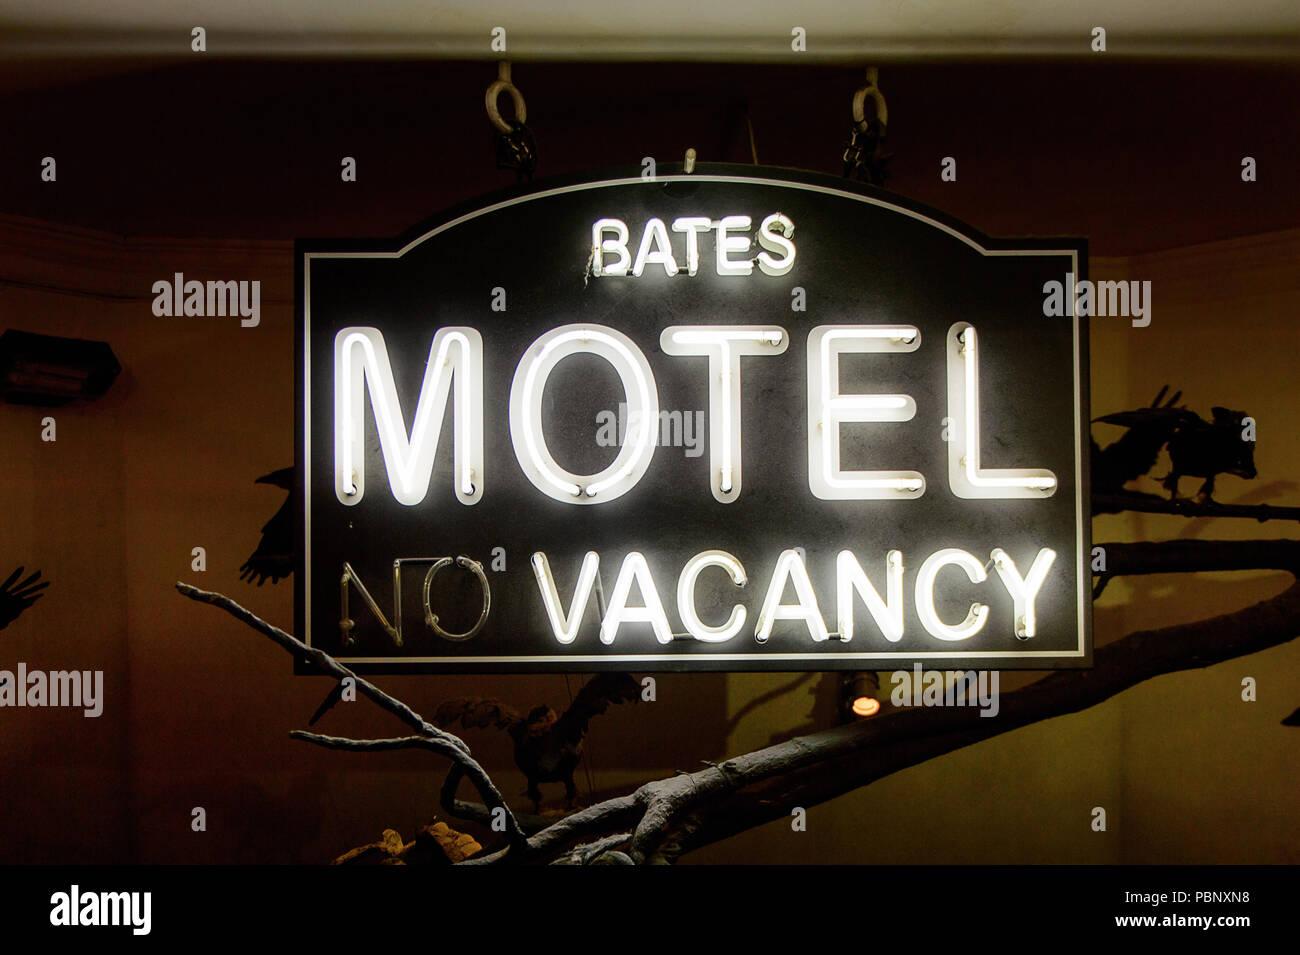 Norman Bates Stock Photos & Norman Bates Stock Images - Alamy